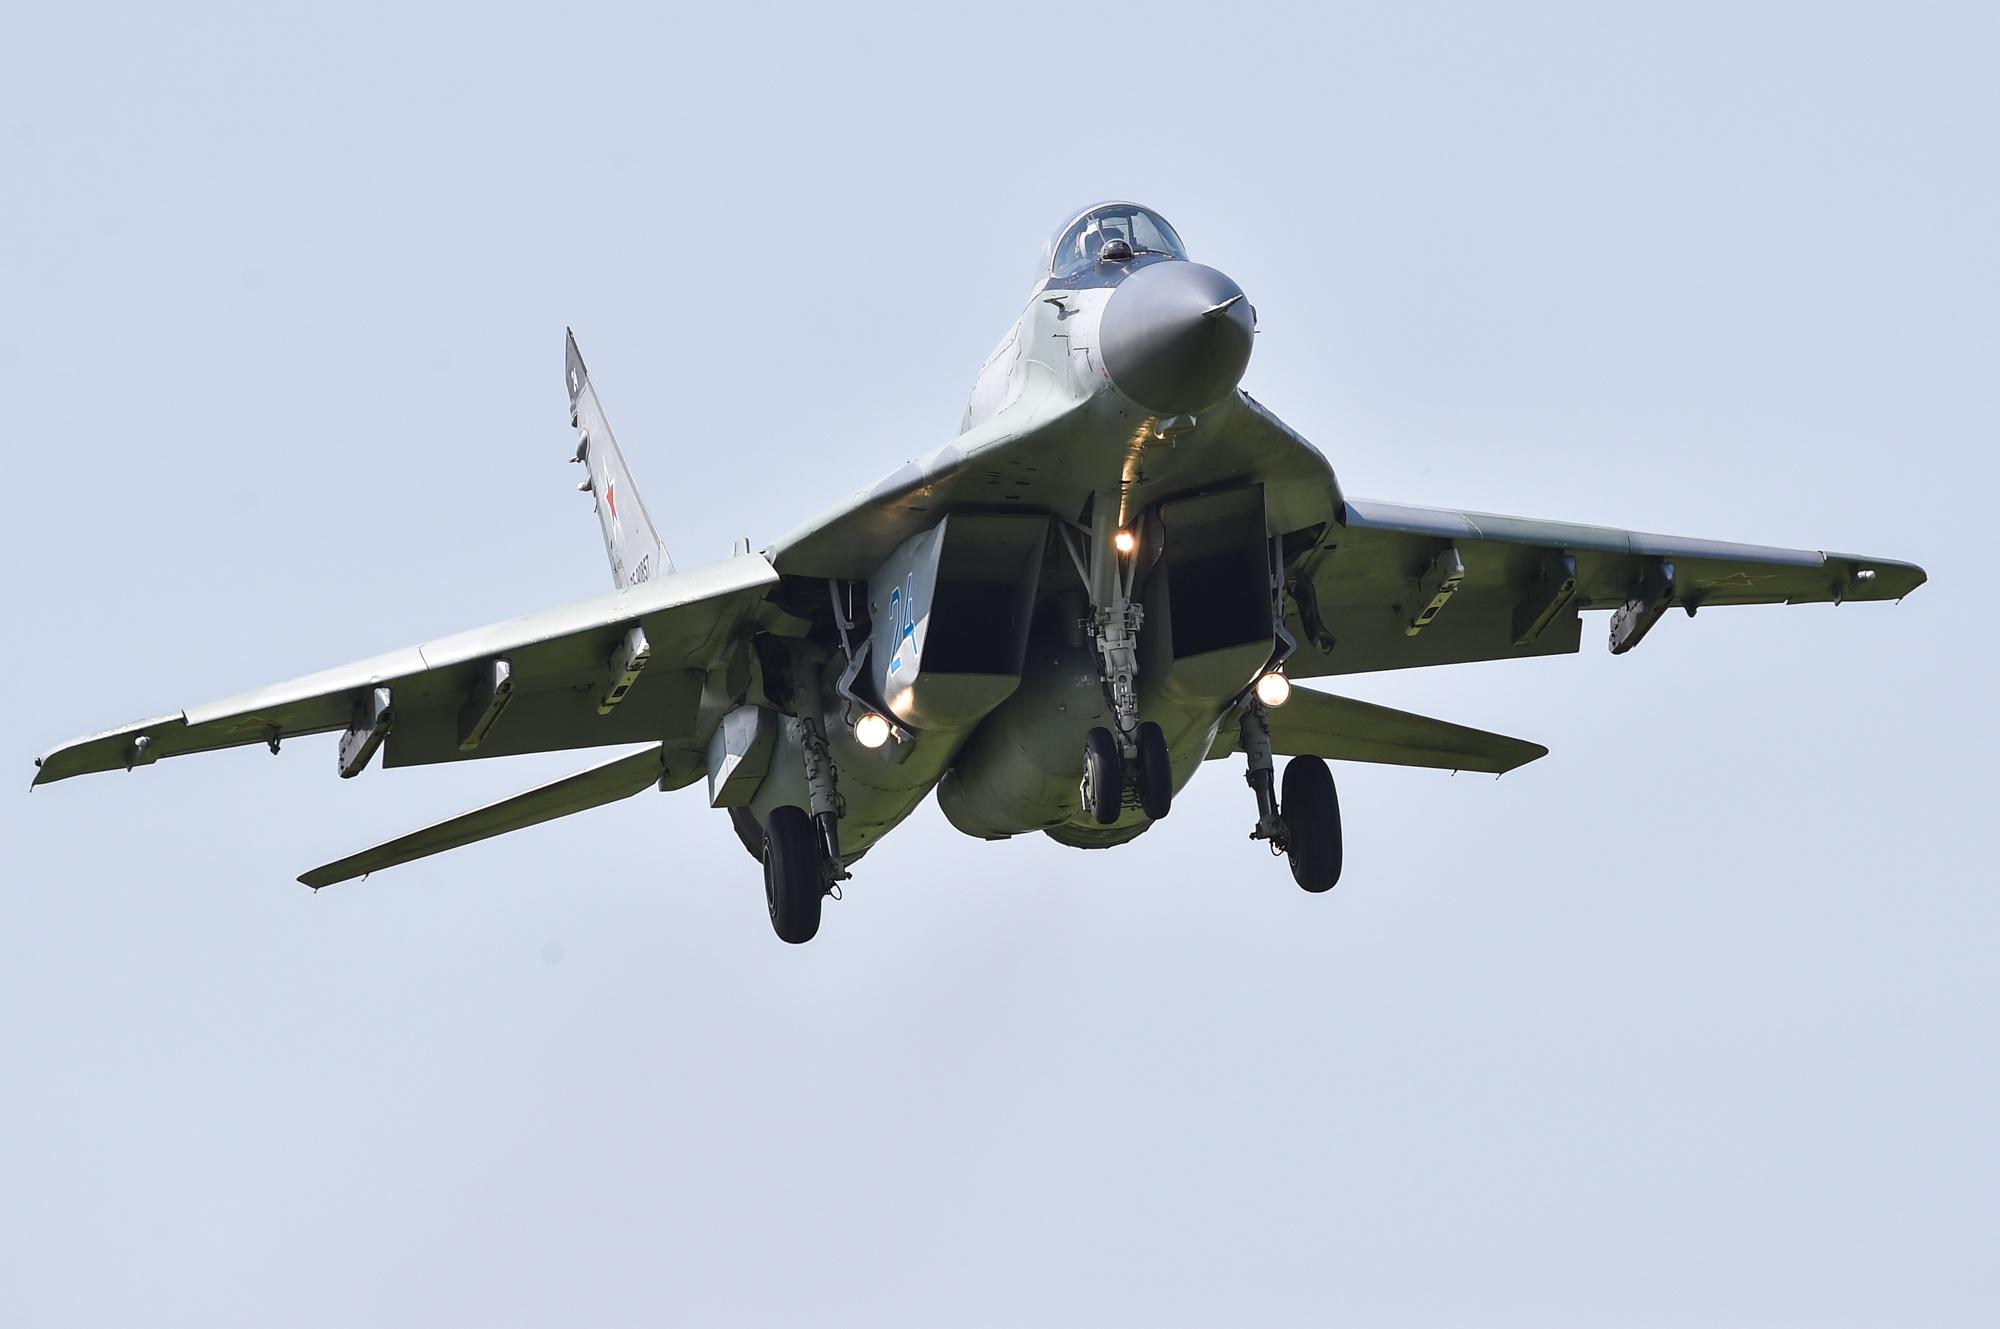 МиГ-29СМТ заходит на посадку. Данная модификация была создана в 1990-е годы. Самолет получил дополнительные топливные баки, штангу дозаправки в воздухе. Все это позволило позиционировать его в том числе как машину для нанесения ударов по наземным целям.